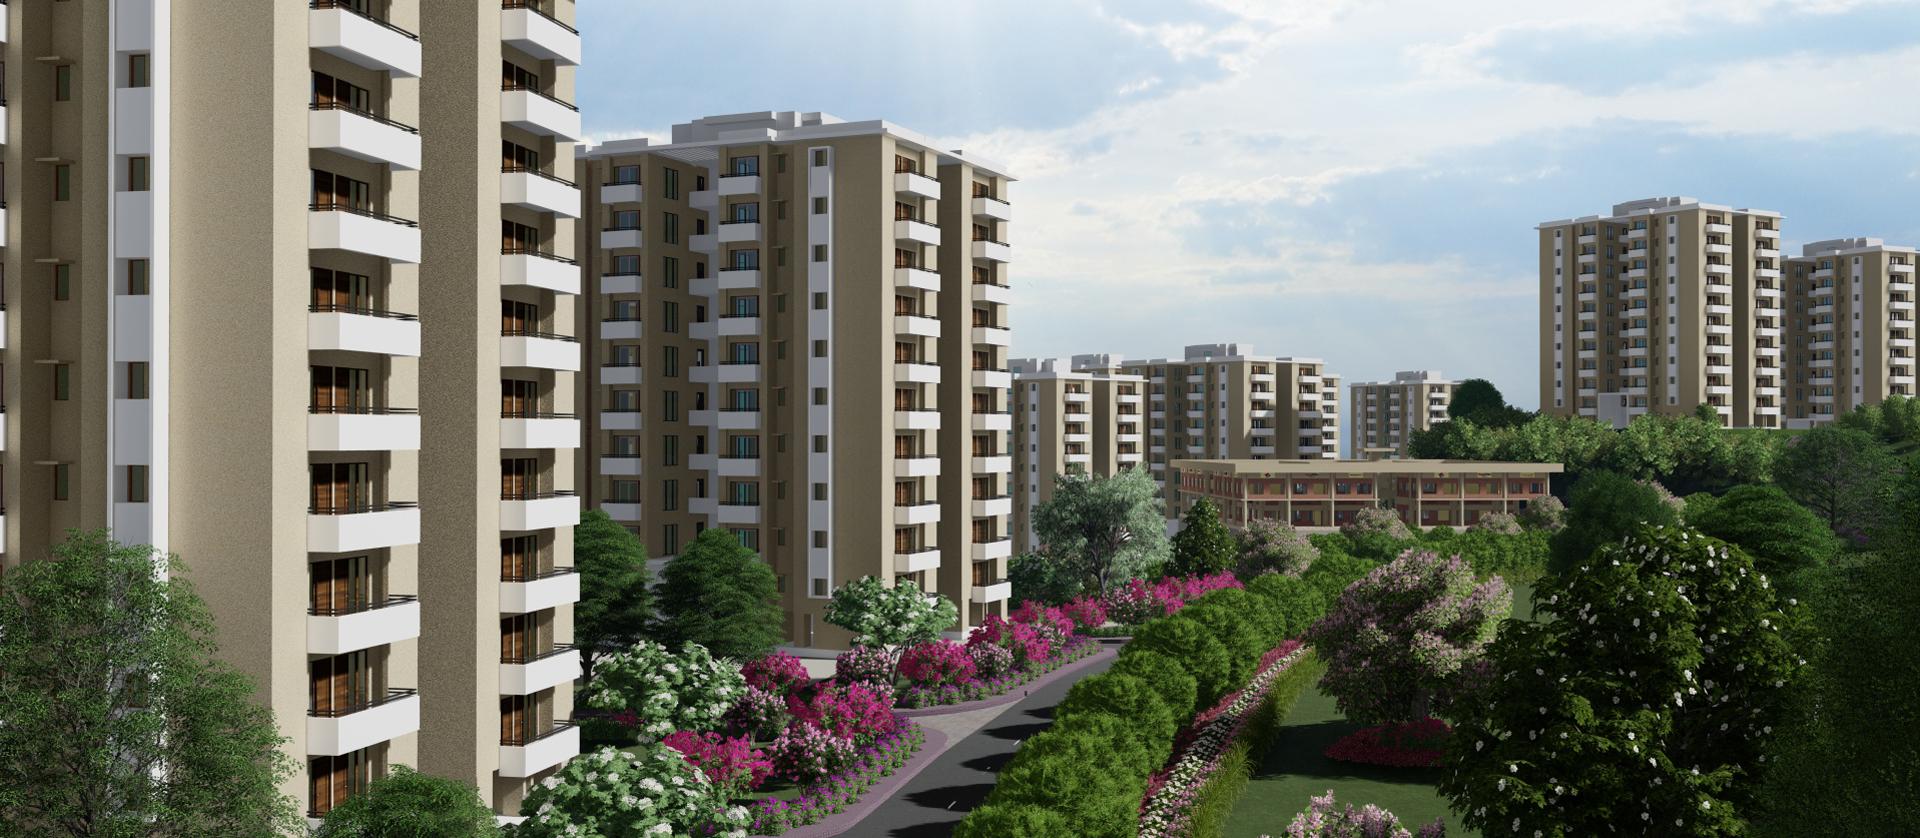 Multi-Storey Housing: Donimalai Township, Karnataka